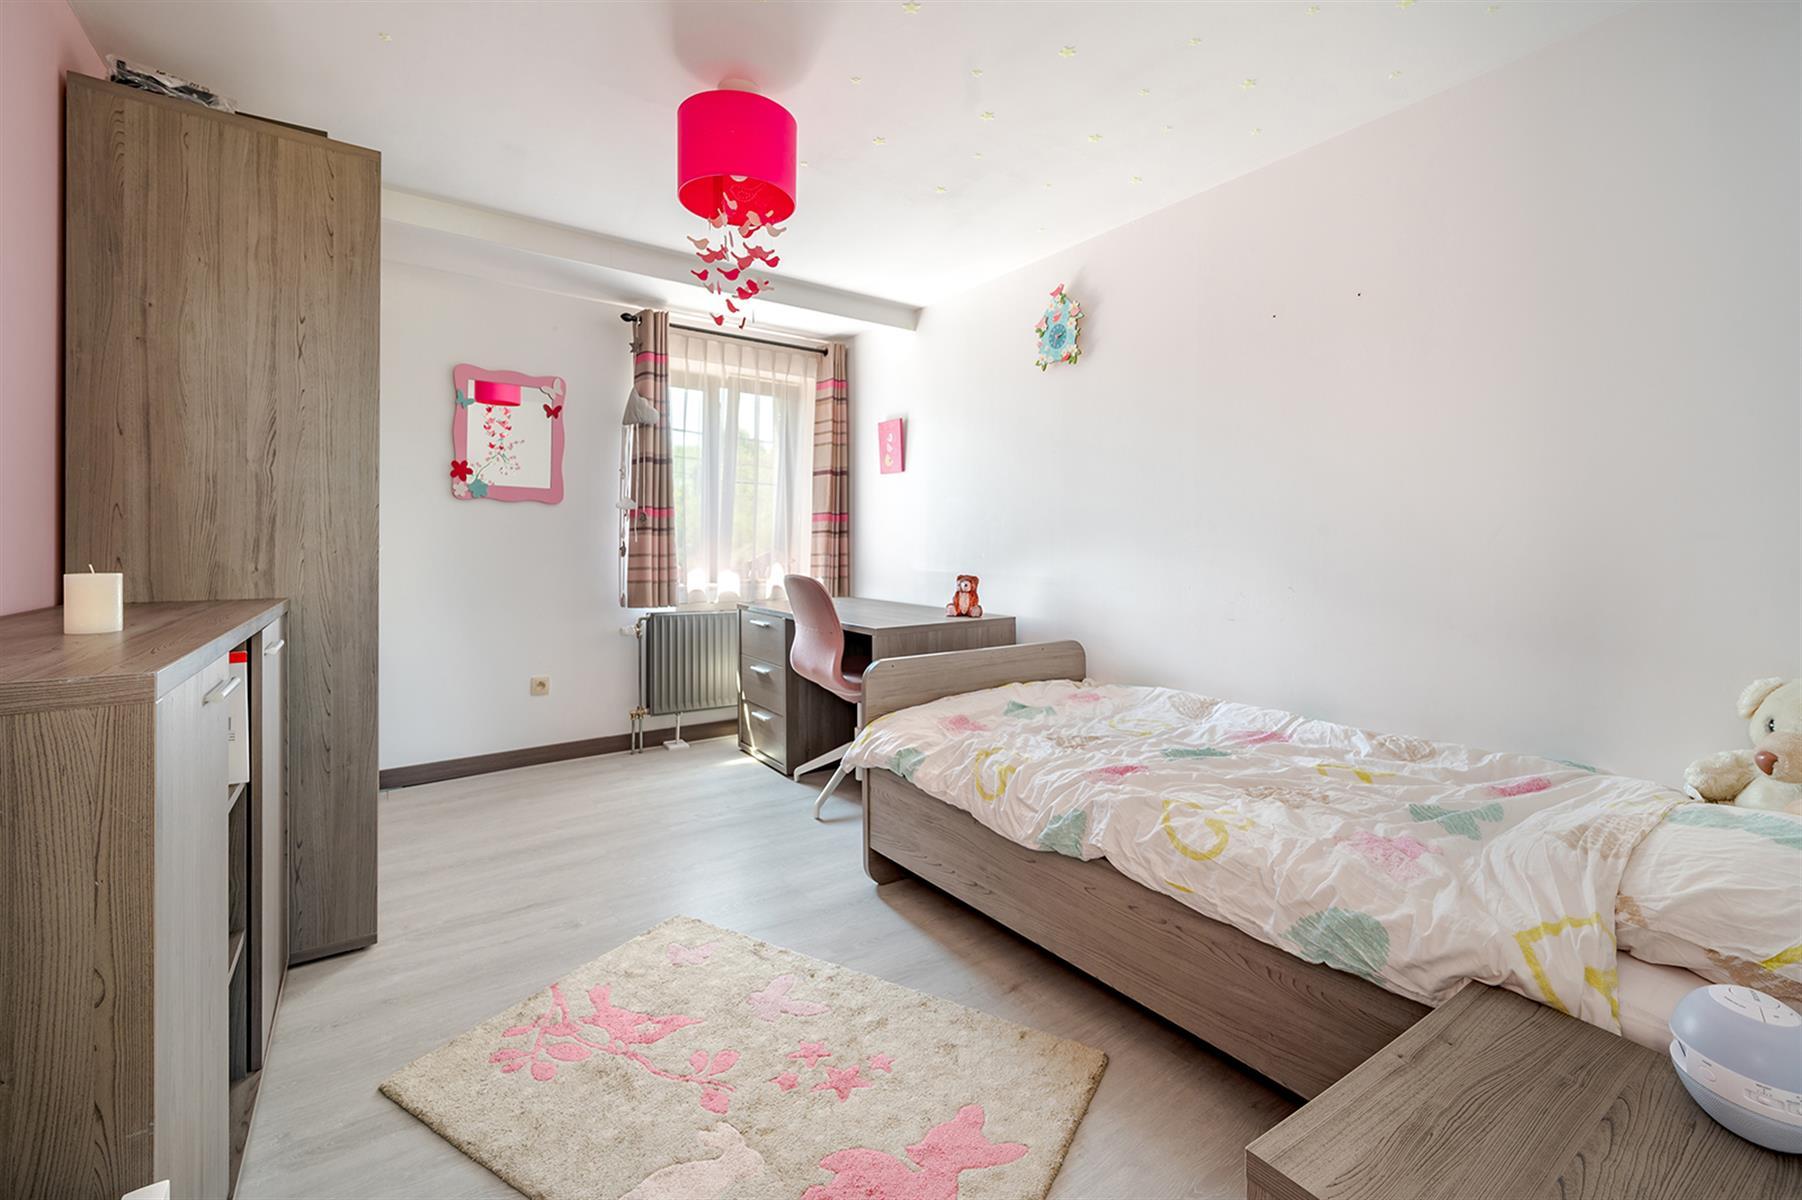 Maison - Villersle-Bouillet Warnant-Dreye - #4392377-15